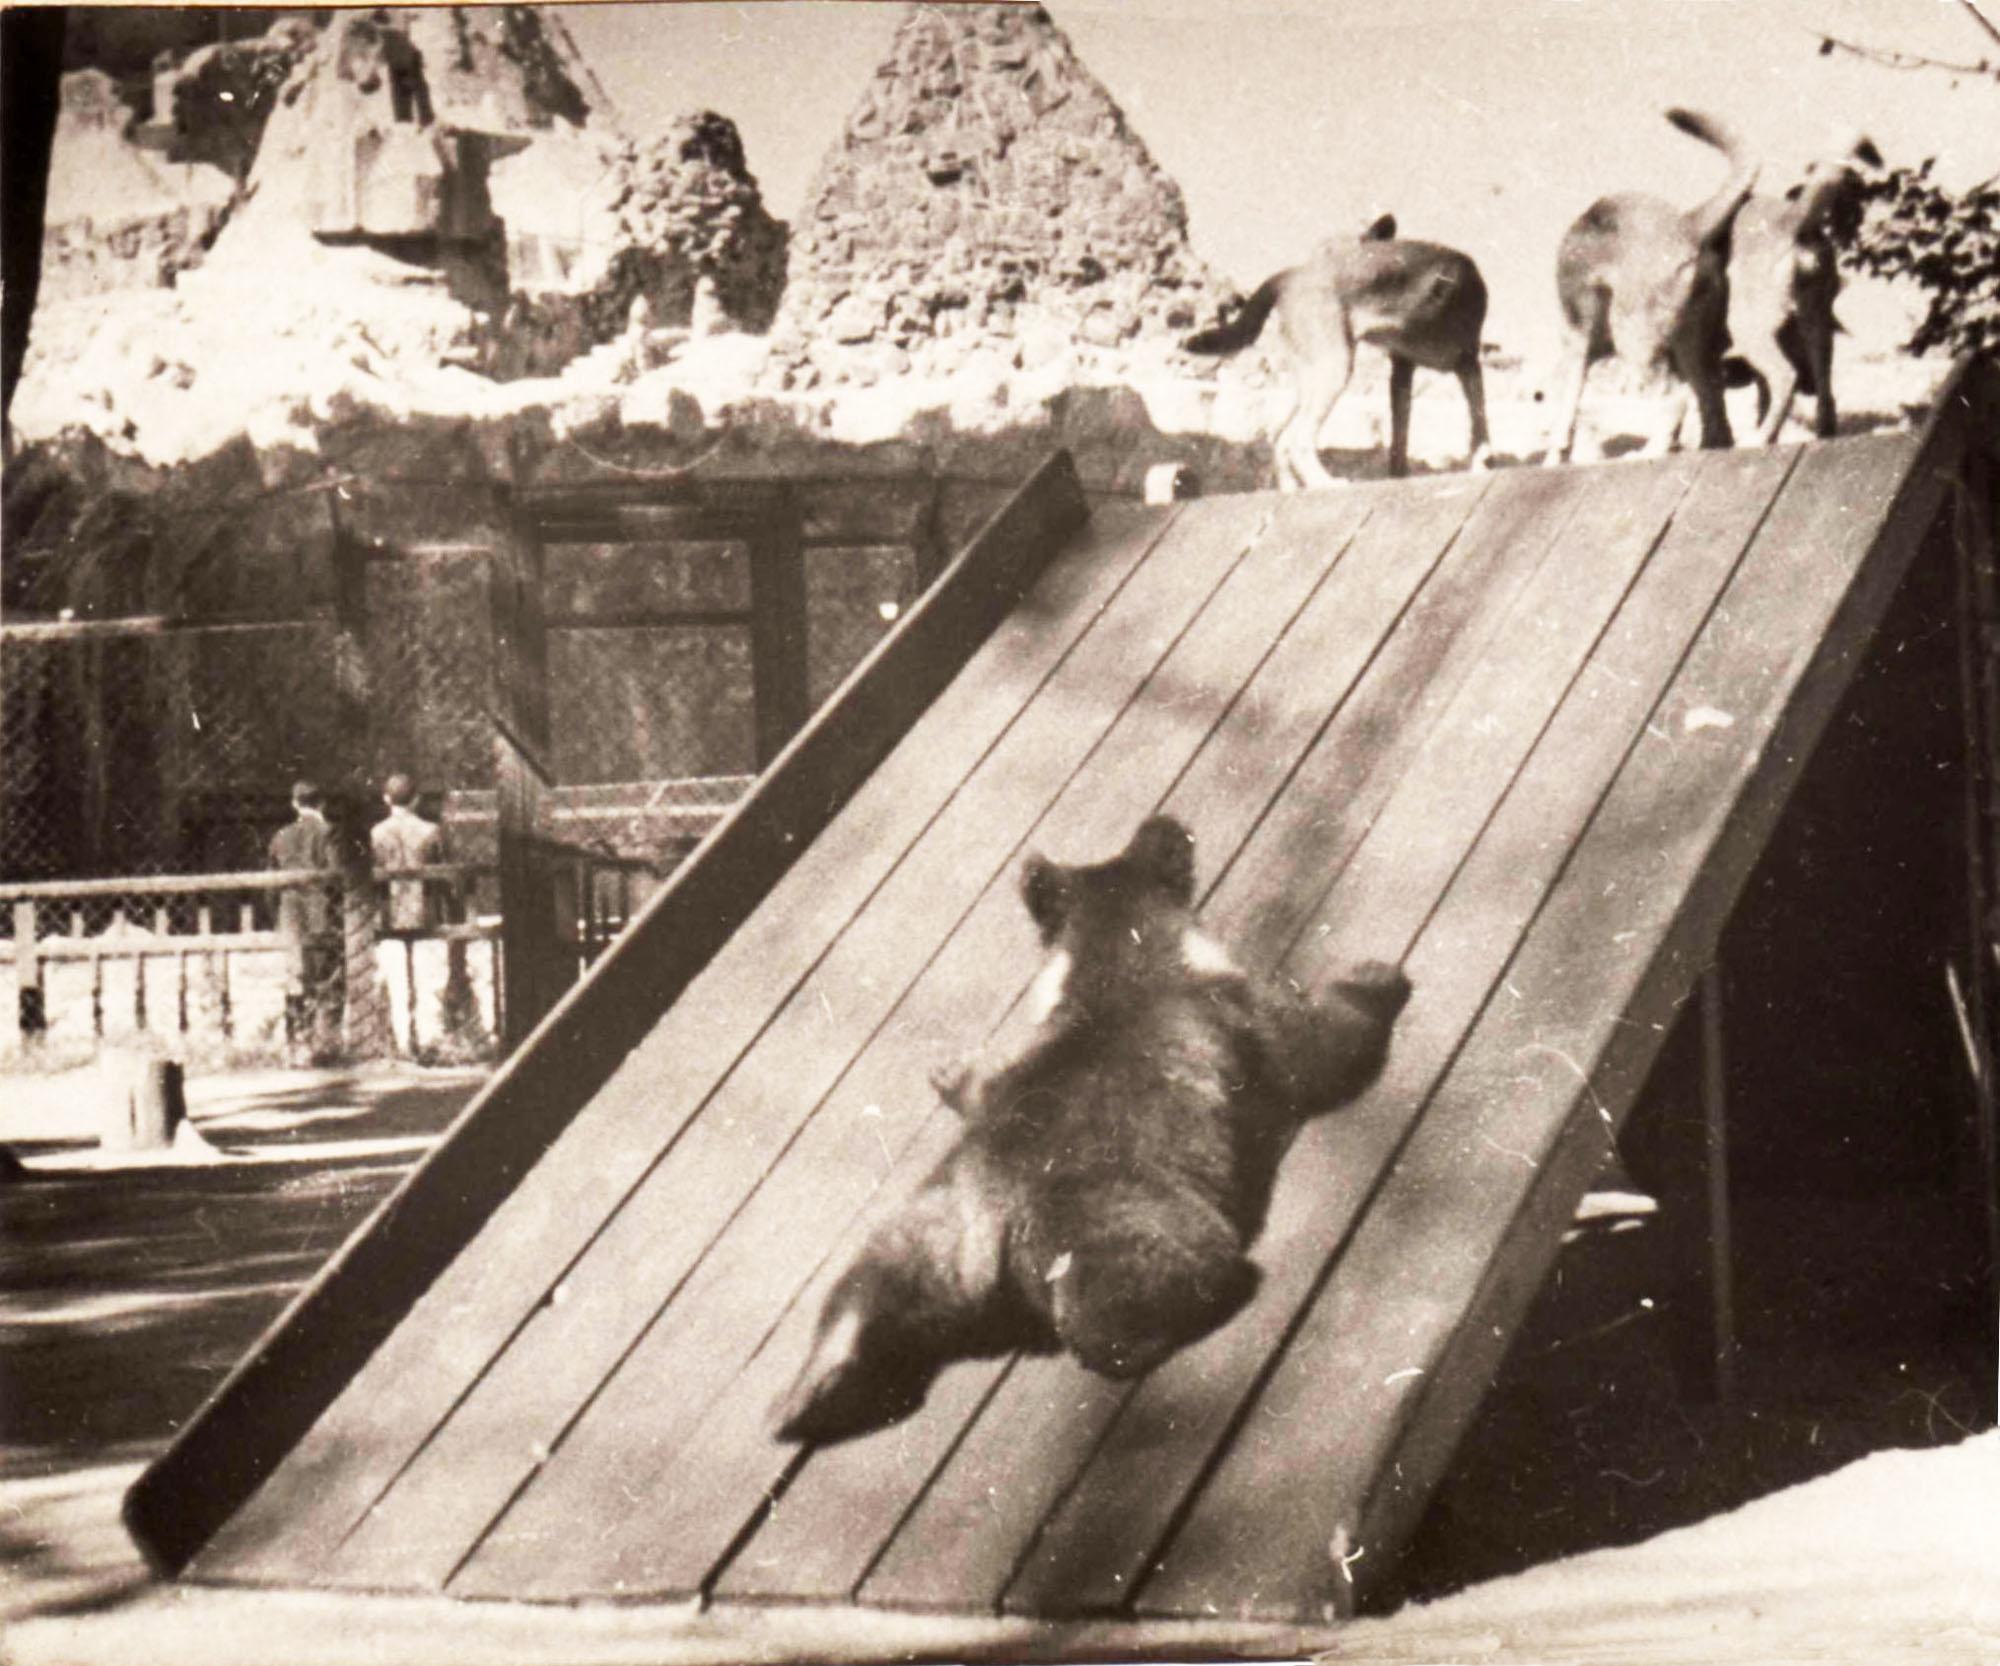 Диапозитив из серии «Мохнатый детский сад», 1937 год. Фото: архив Веры Чаплиной.